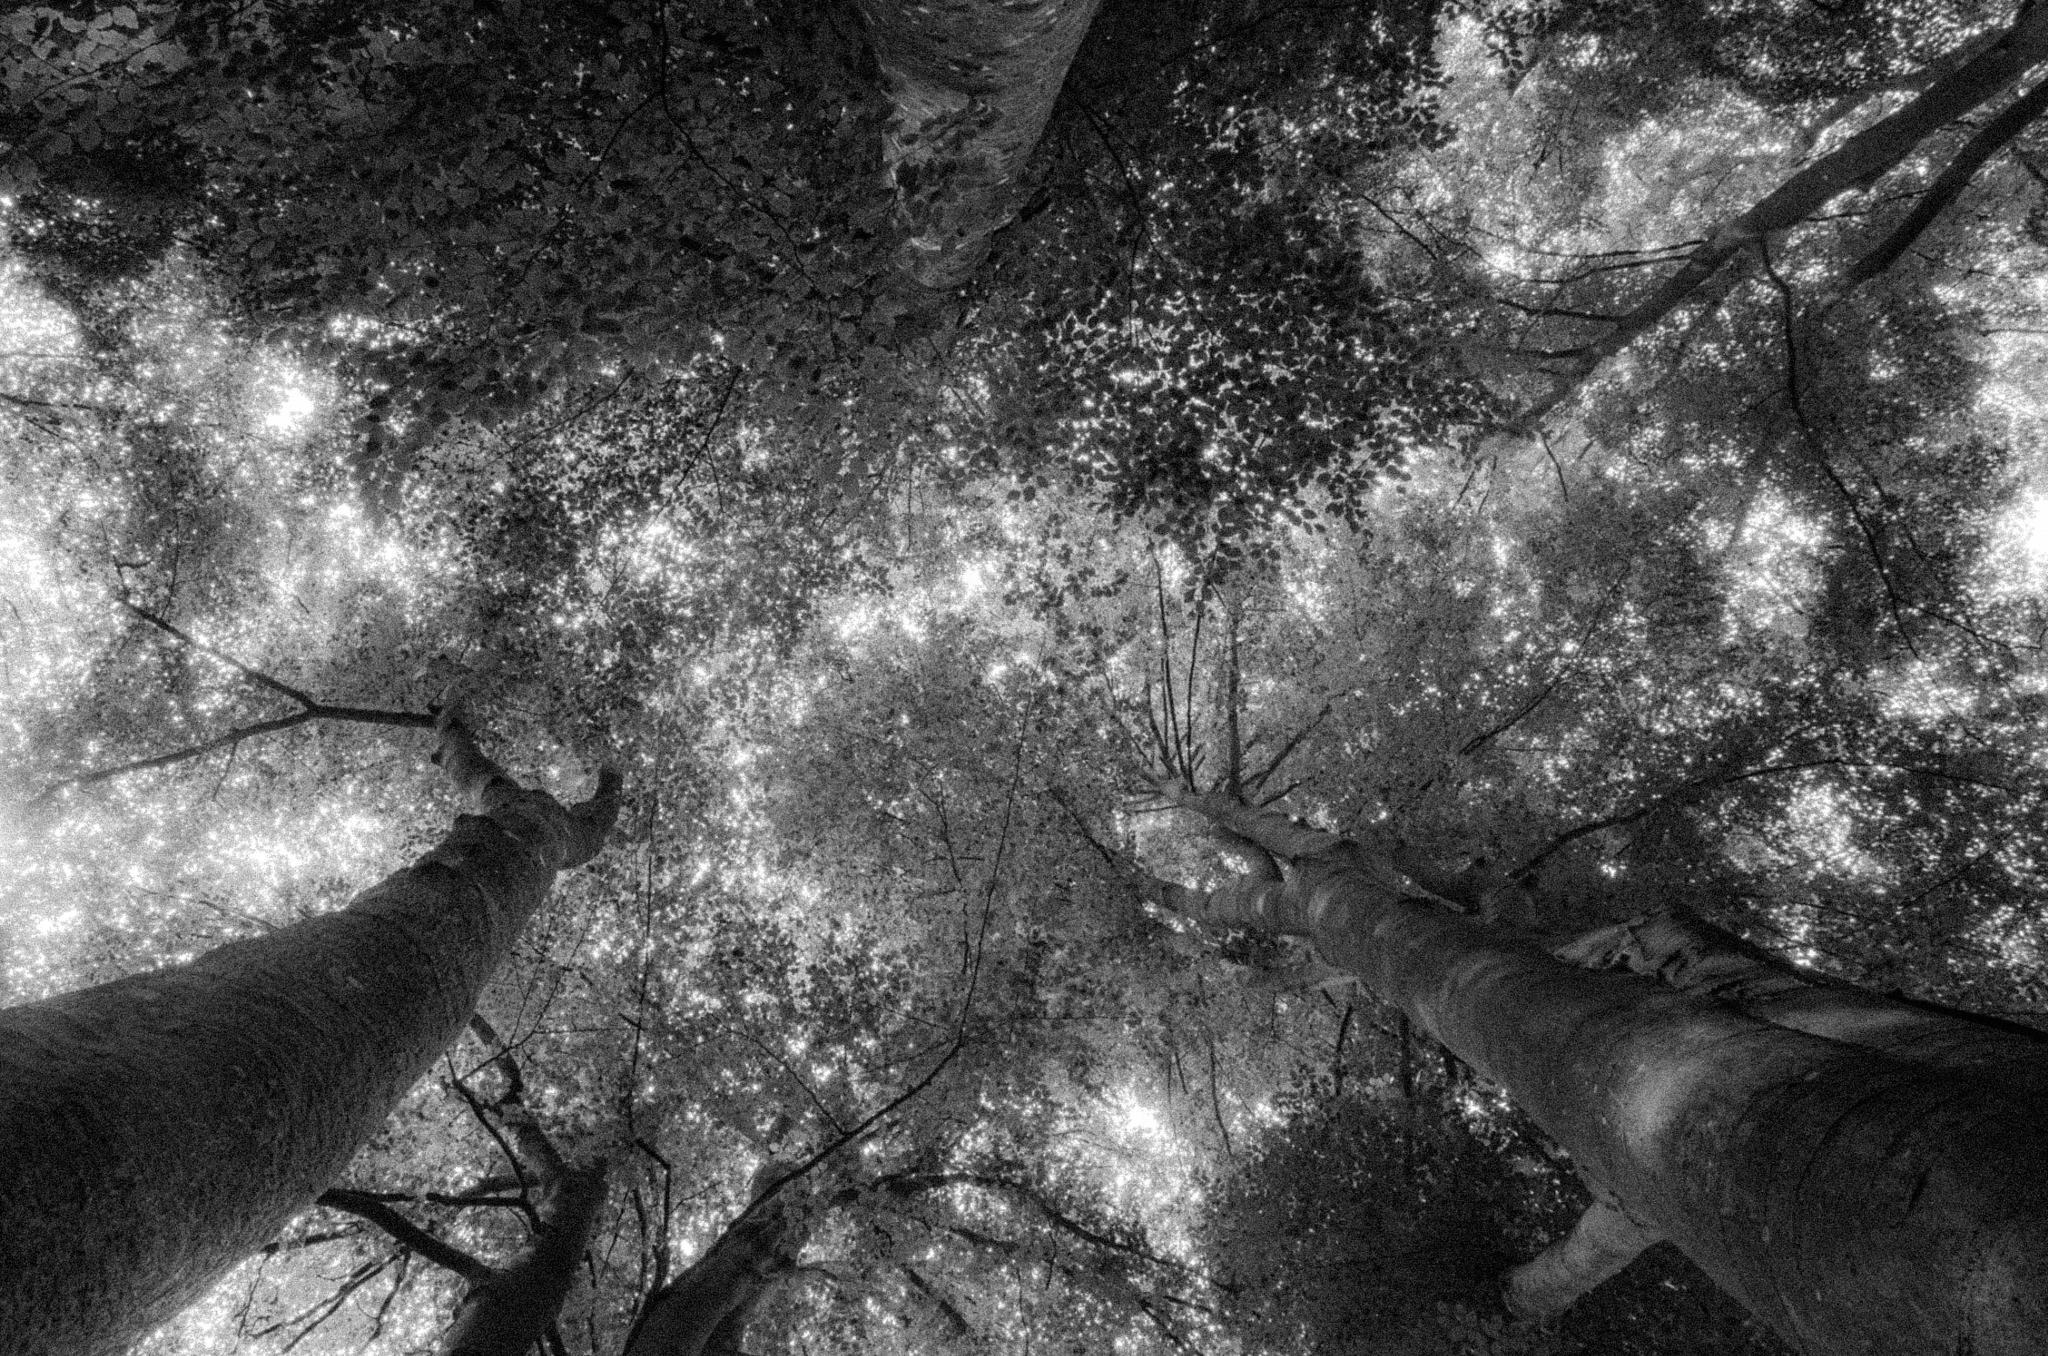 Vers les hauteurs. by krystelwillems